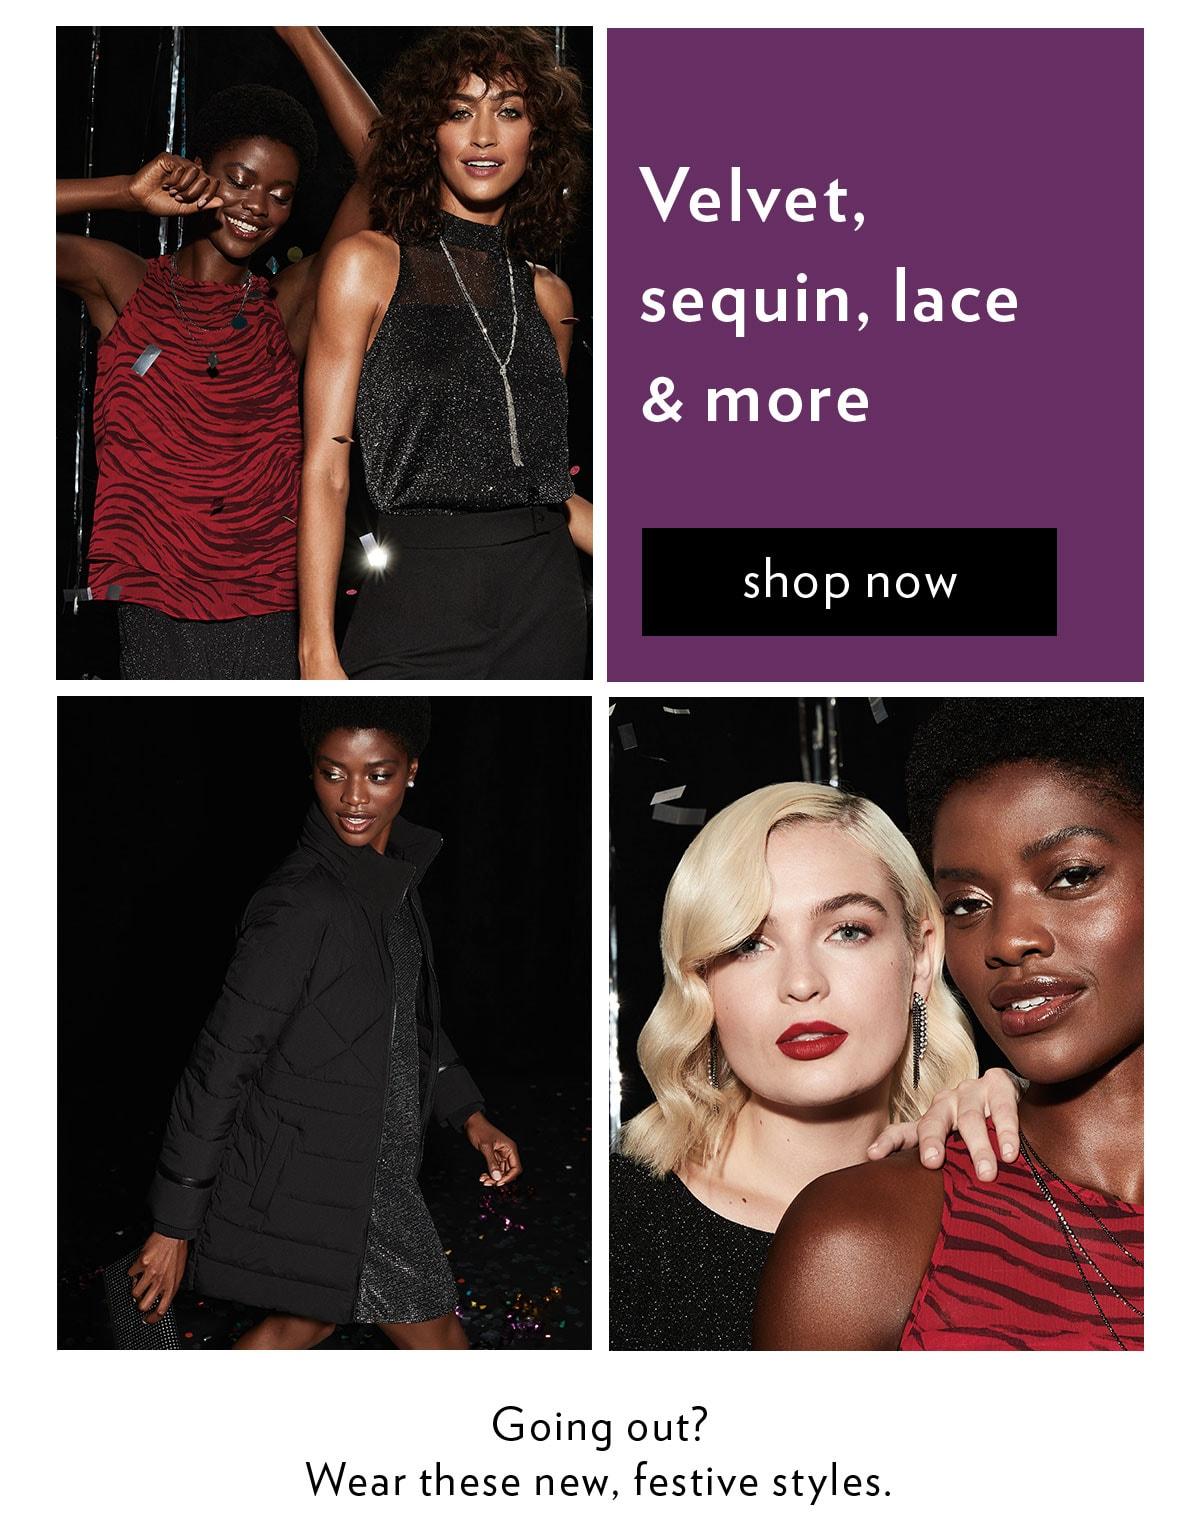 Velvet, sequin, lace & more